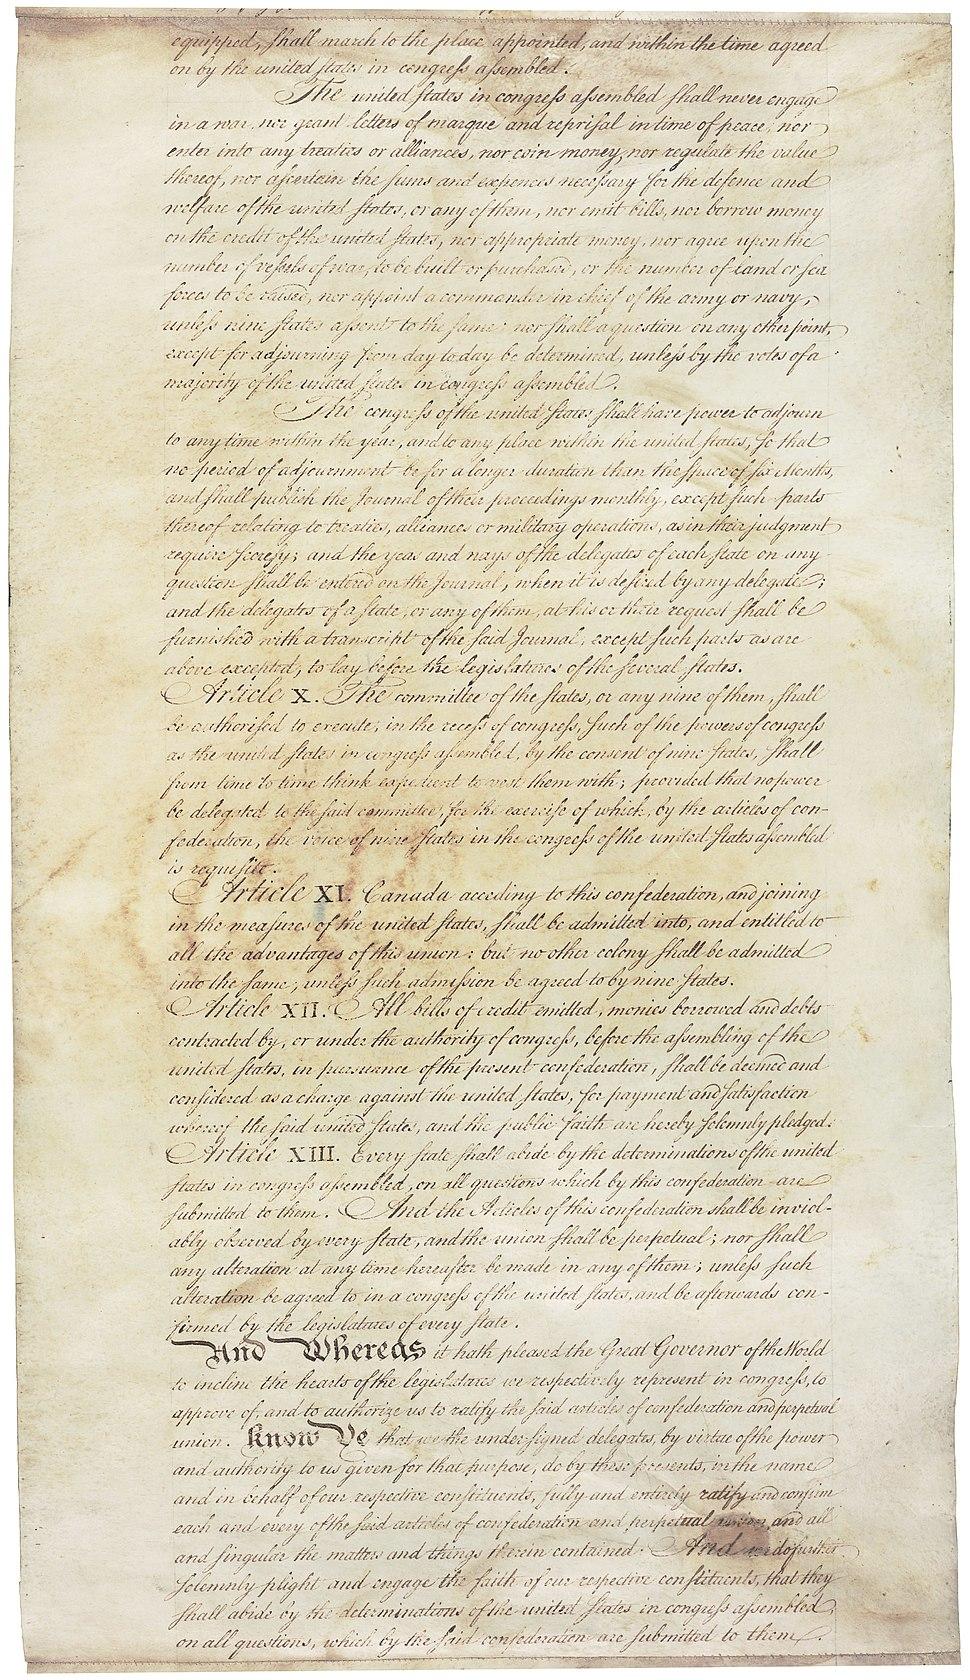 Articles of Confederation 9-13